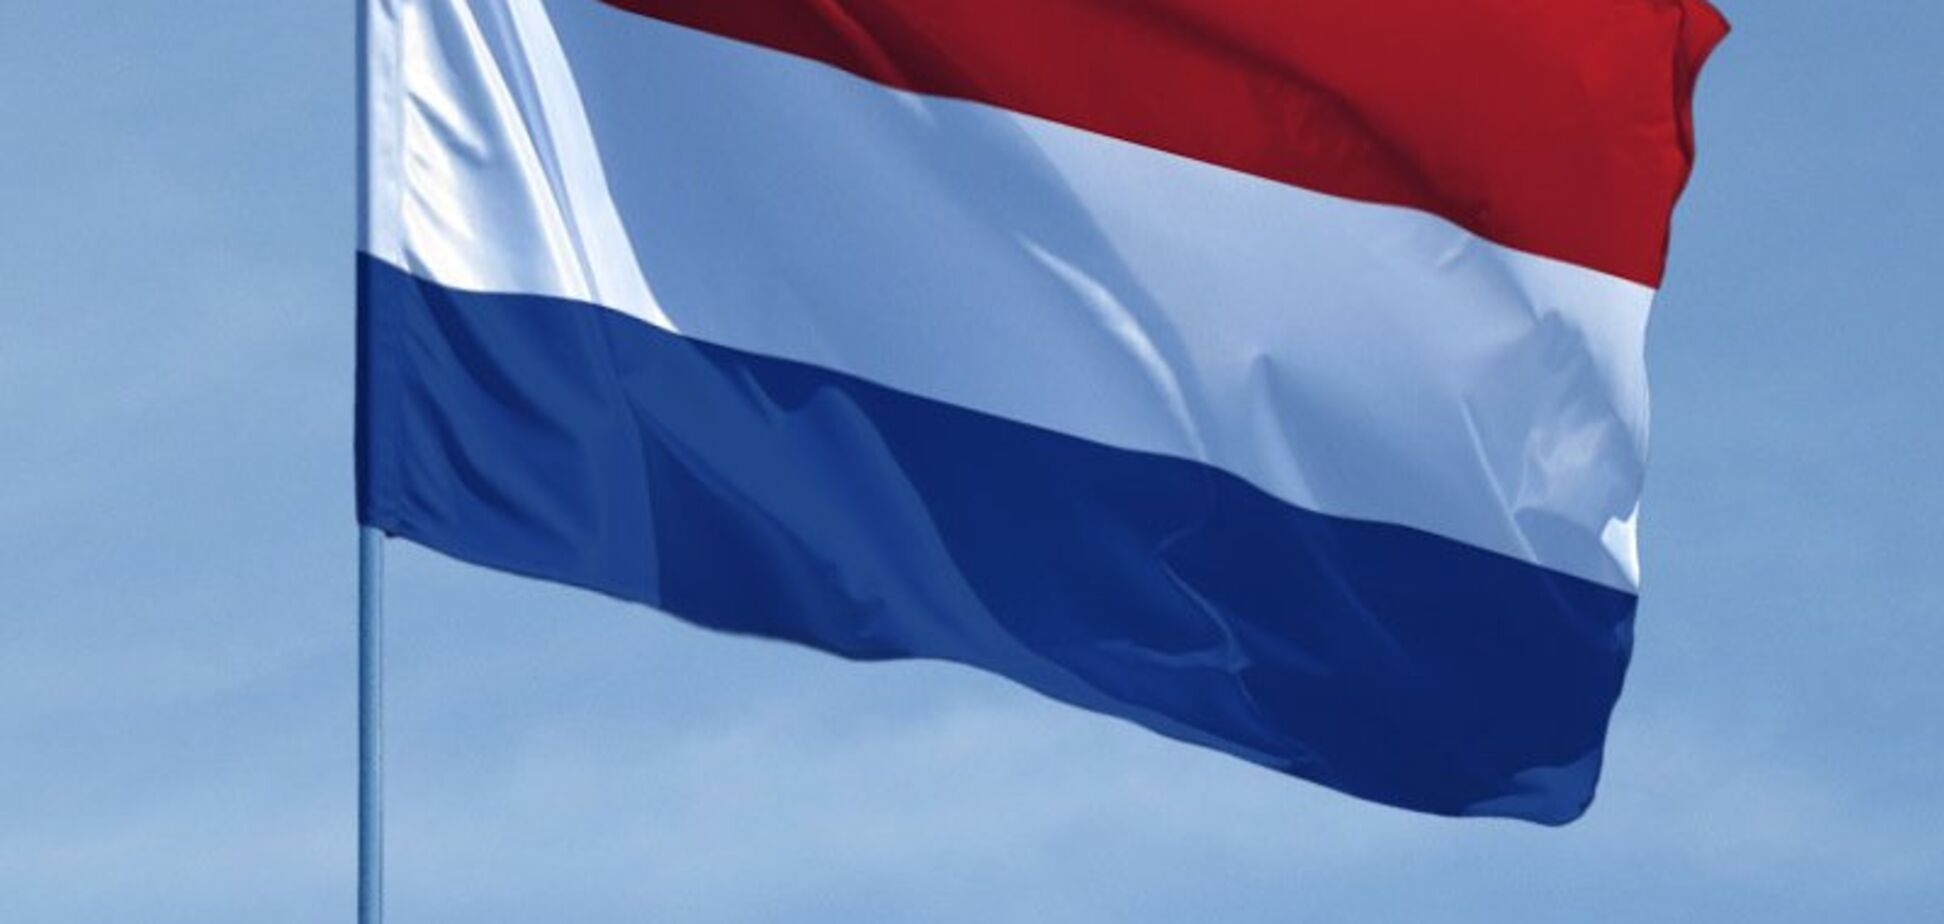 Россия вляпалась в серьезный скандал с Нидерландами: что случилось